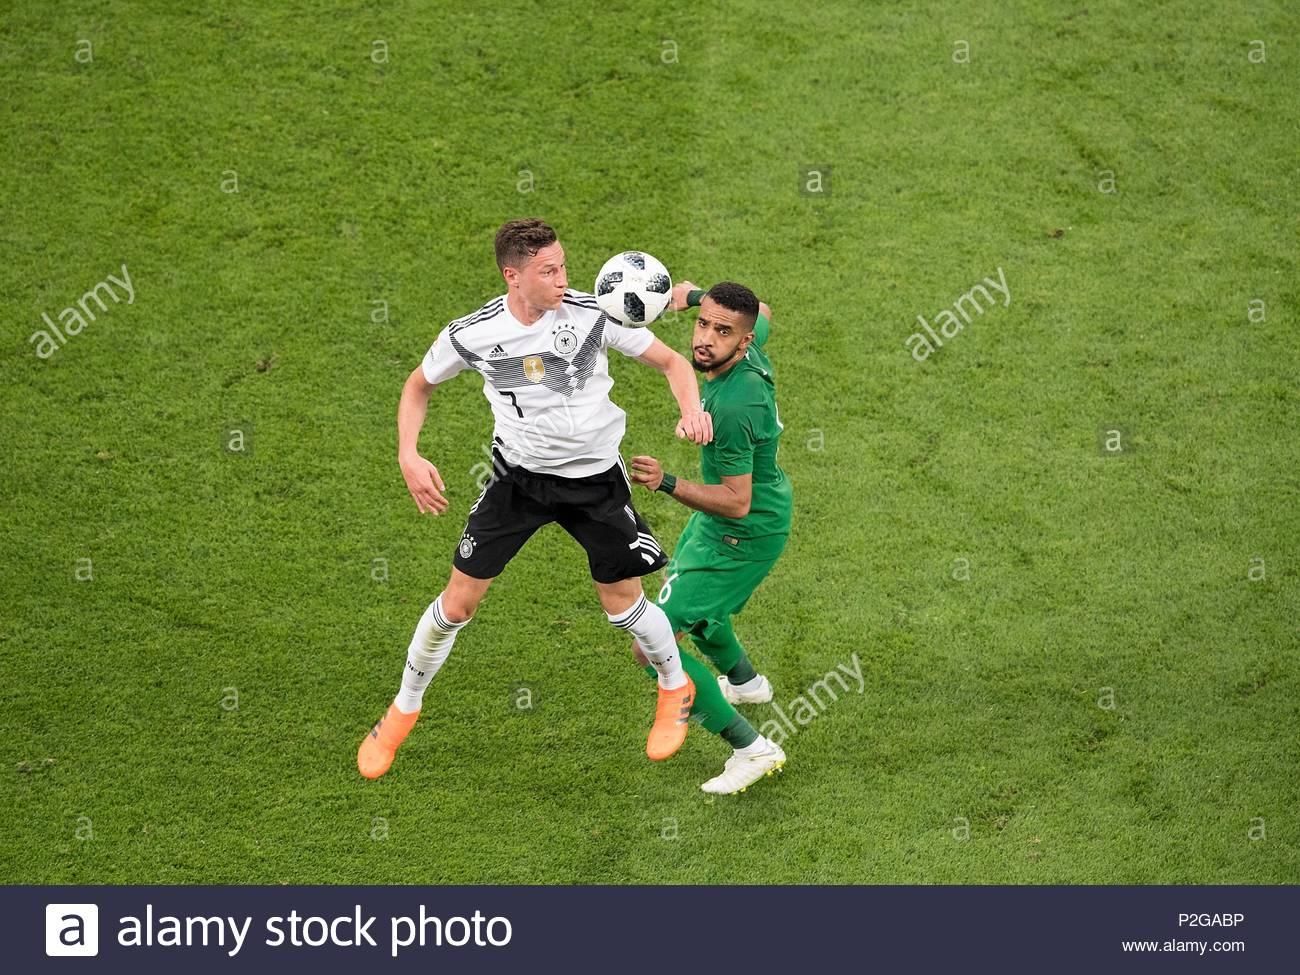 Julian DRAXLER l. (GER) en duelos contra Mohammed ALBURAYK (KSA), acción.  Soccer Laenderspiel, amistoso, Alemania (GER) - Arabia Saudita (KSA) 2: 1,